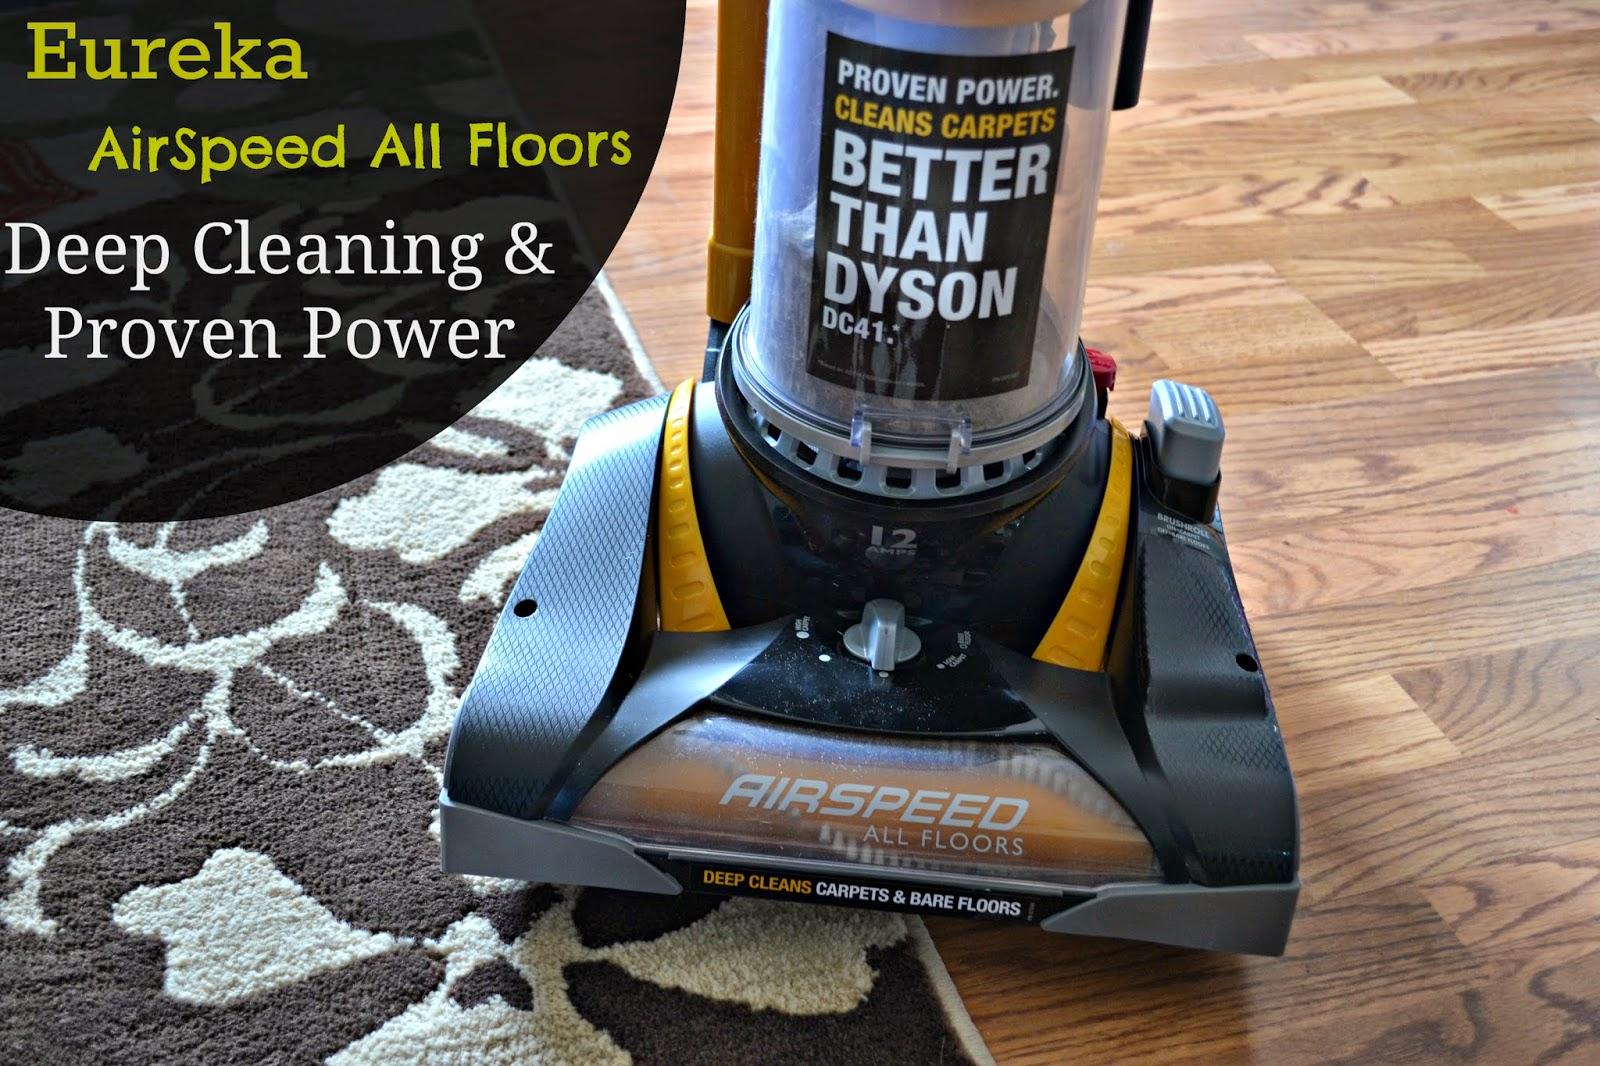 Upgrading To Eureka Airspeed All Floors Vacuum